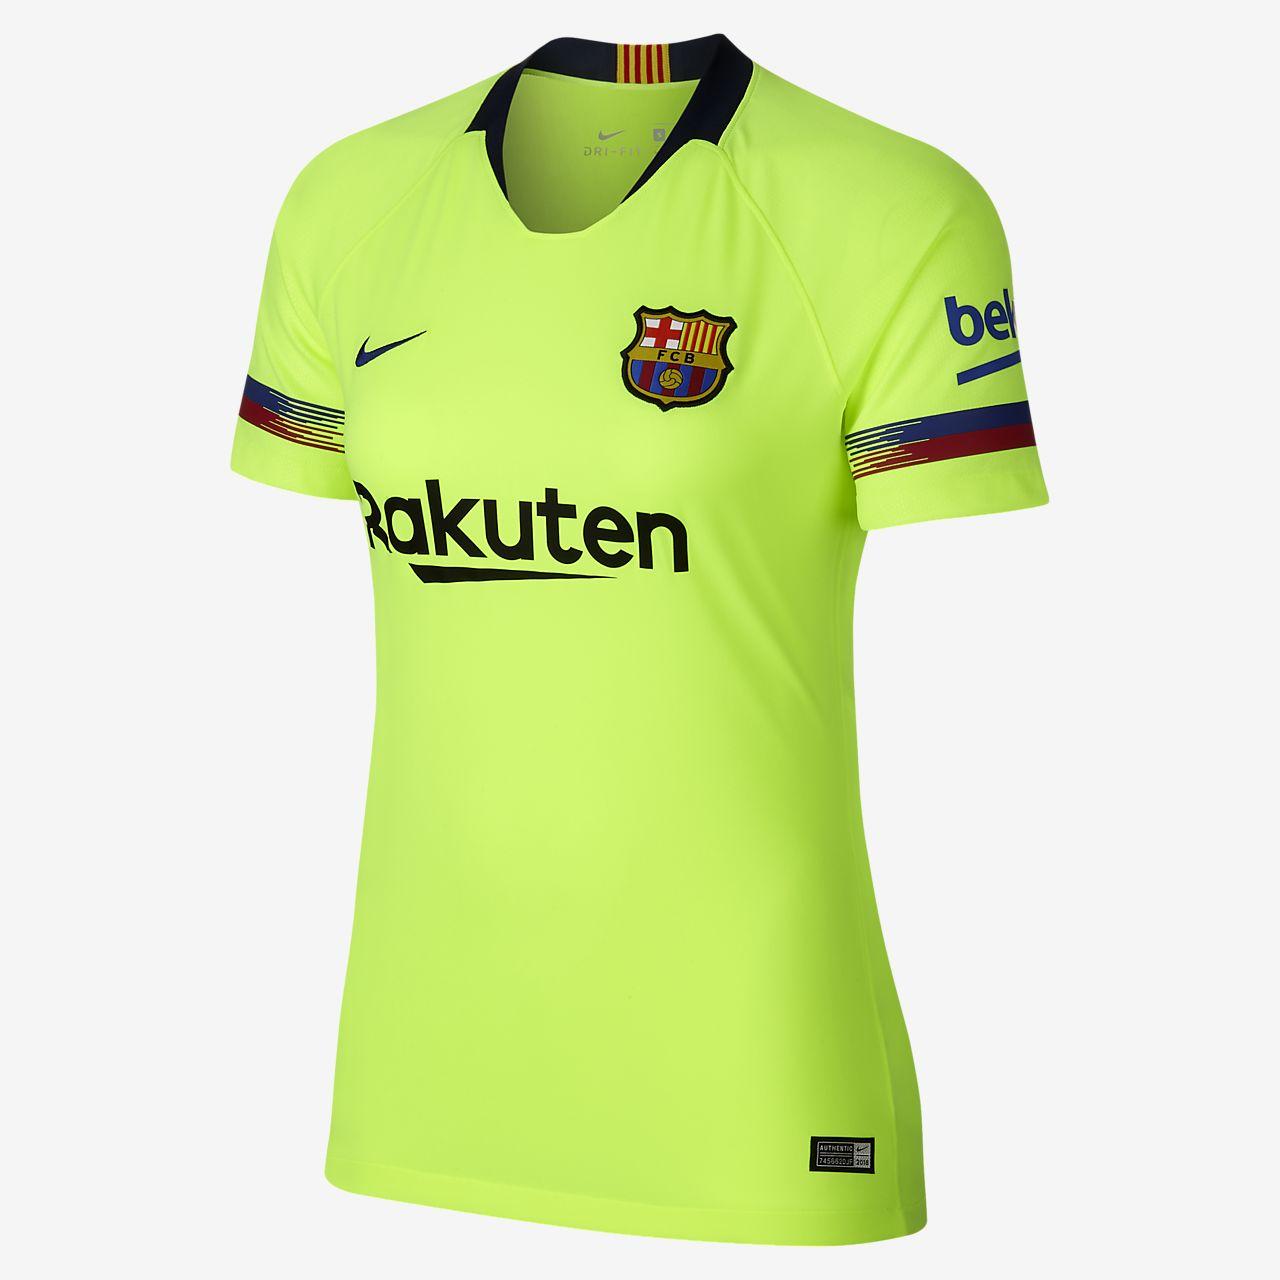 2018/19 FC Barcelona Stadium Away Women's Football Shirt